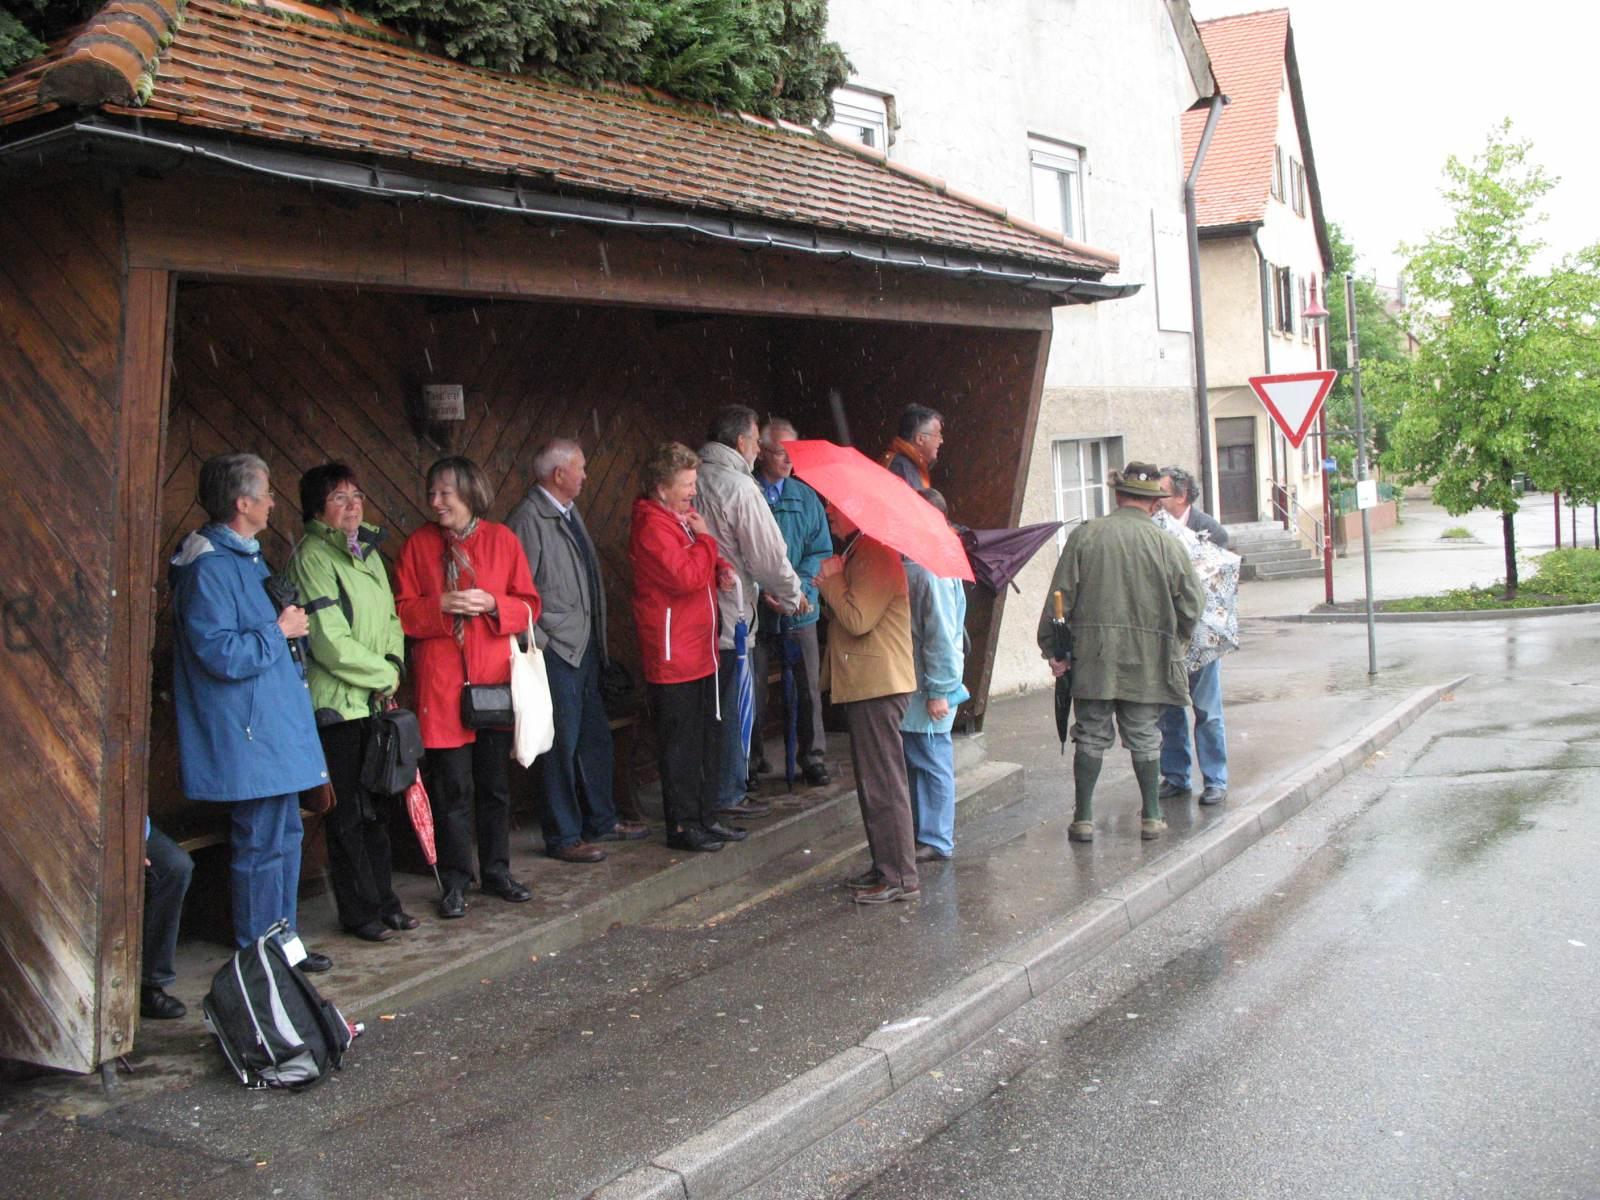 2007_05_09-Stuttgart-Warten-auf-den-Bus